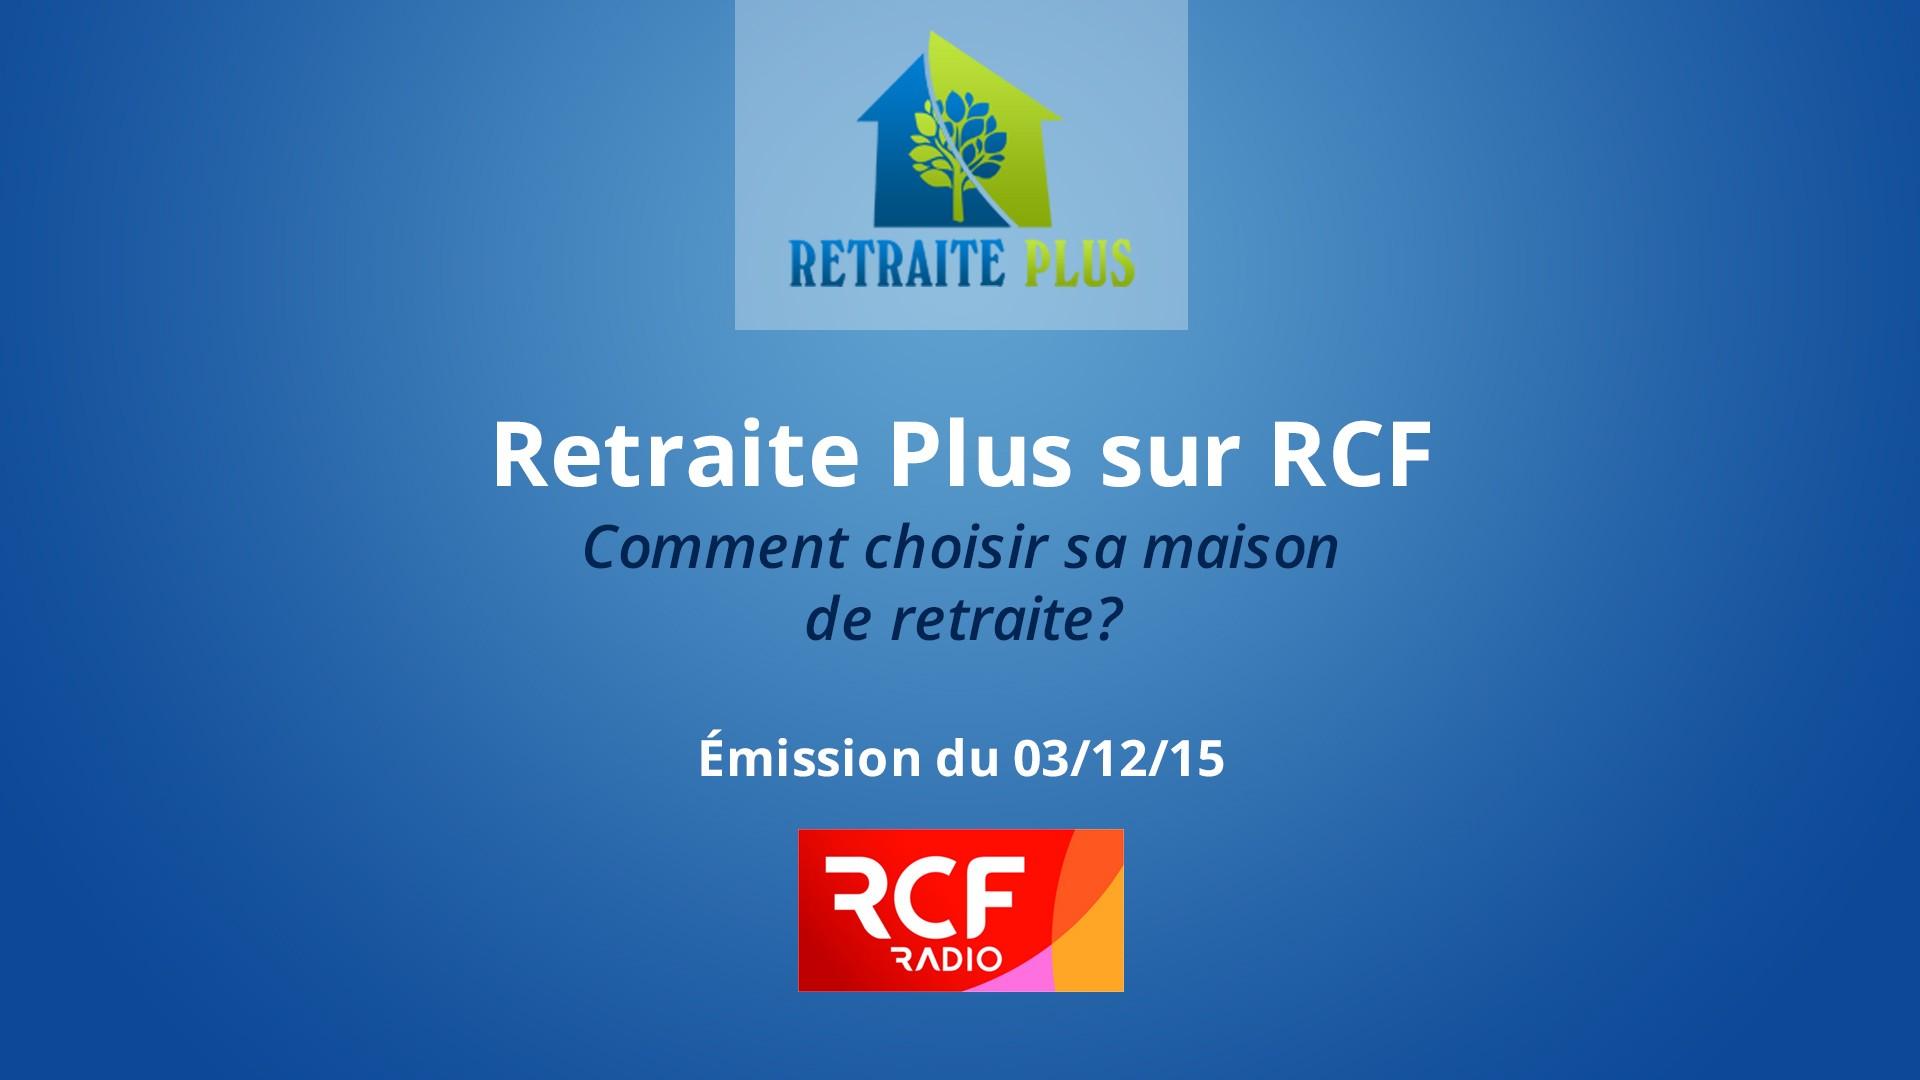 retraite plus sur rcf le 03 12 15